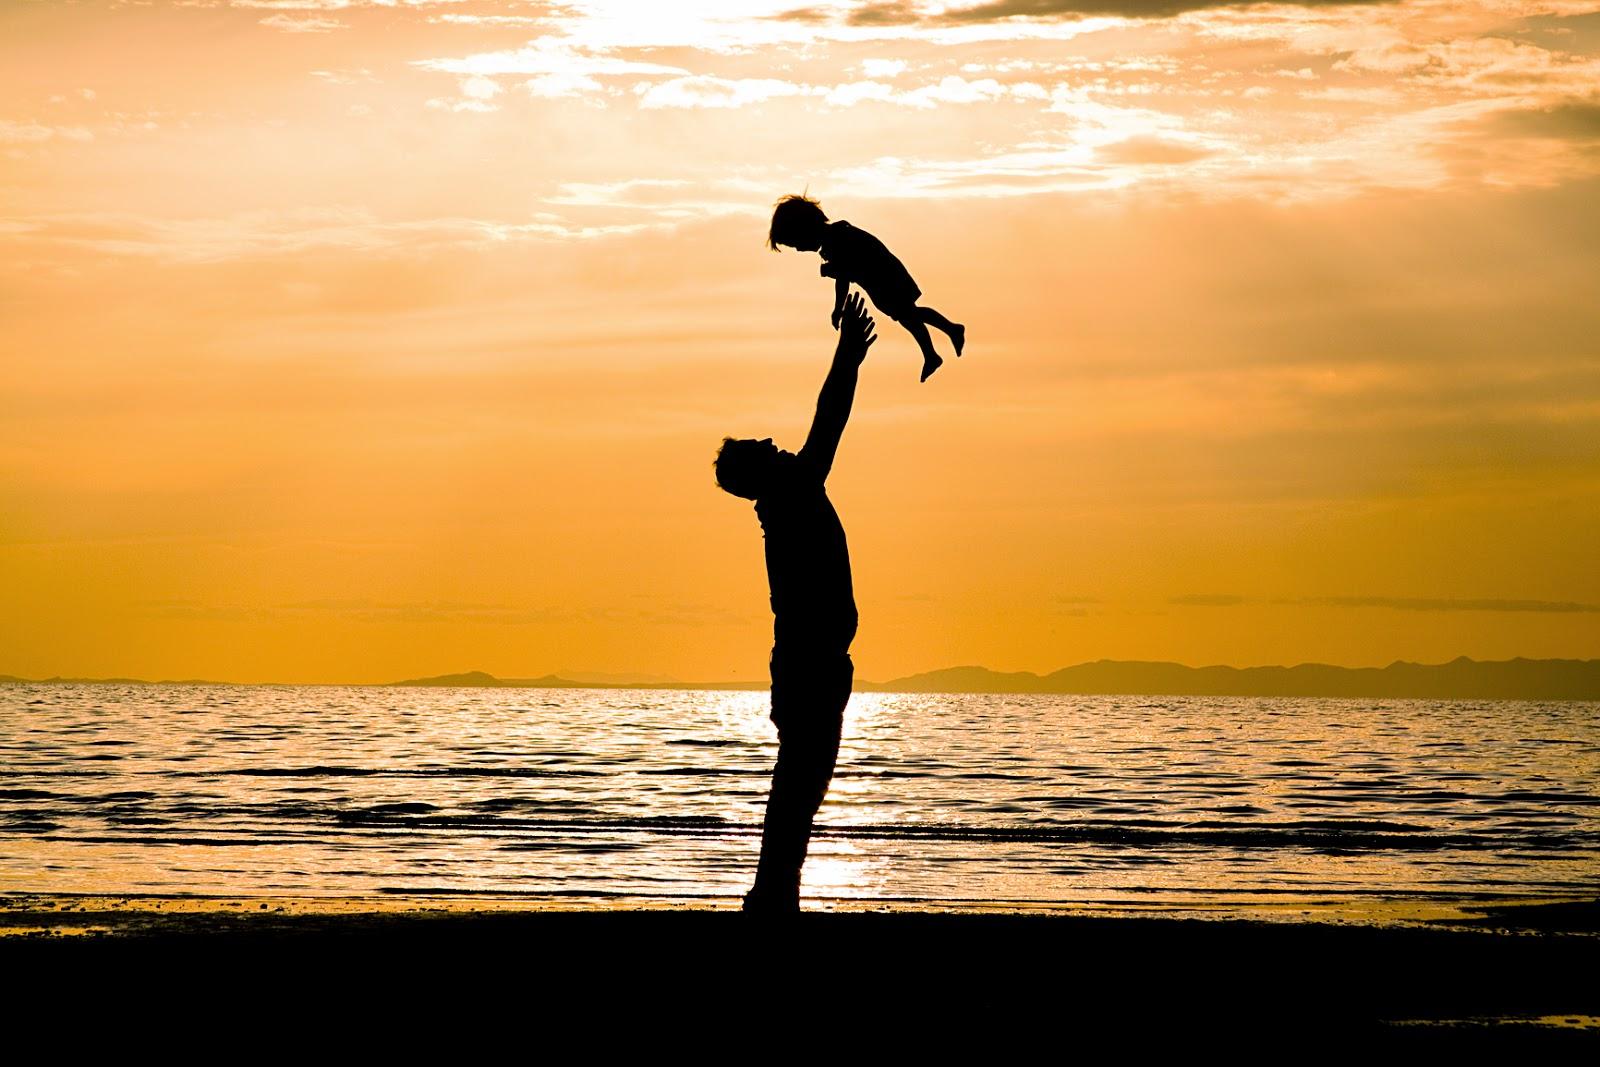 Ta phải sống sao cho trọn đạo làm con